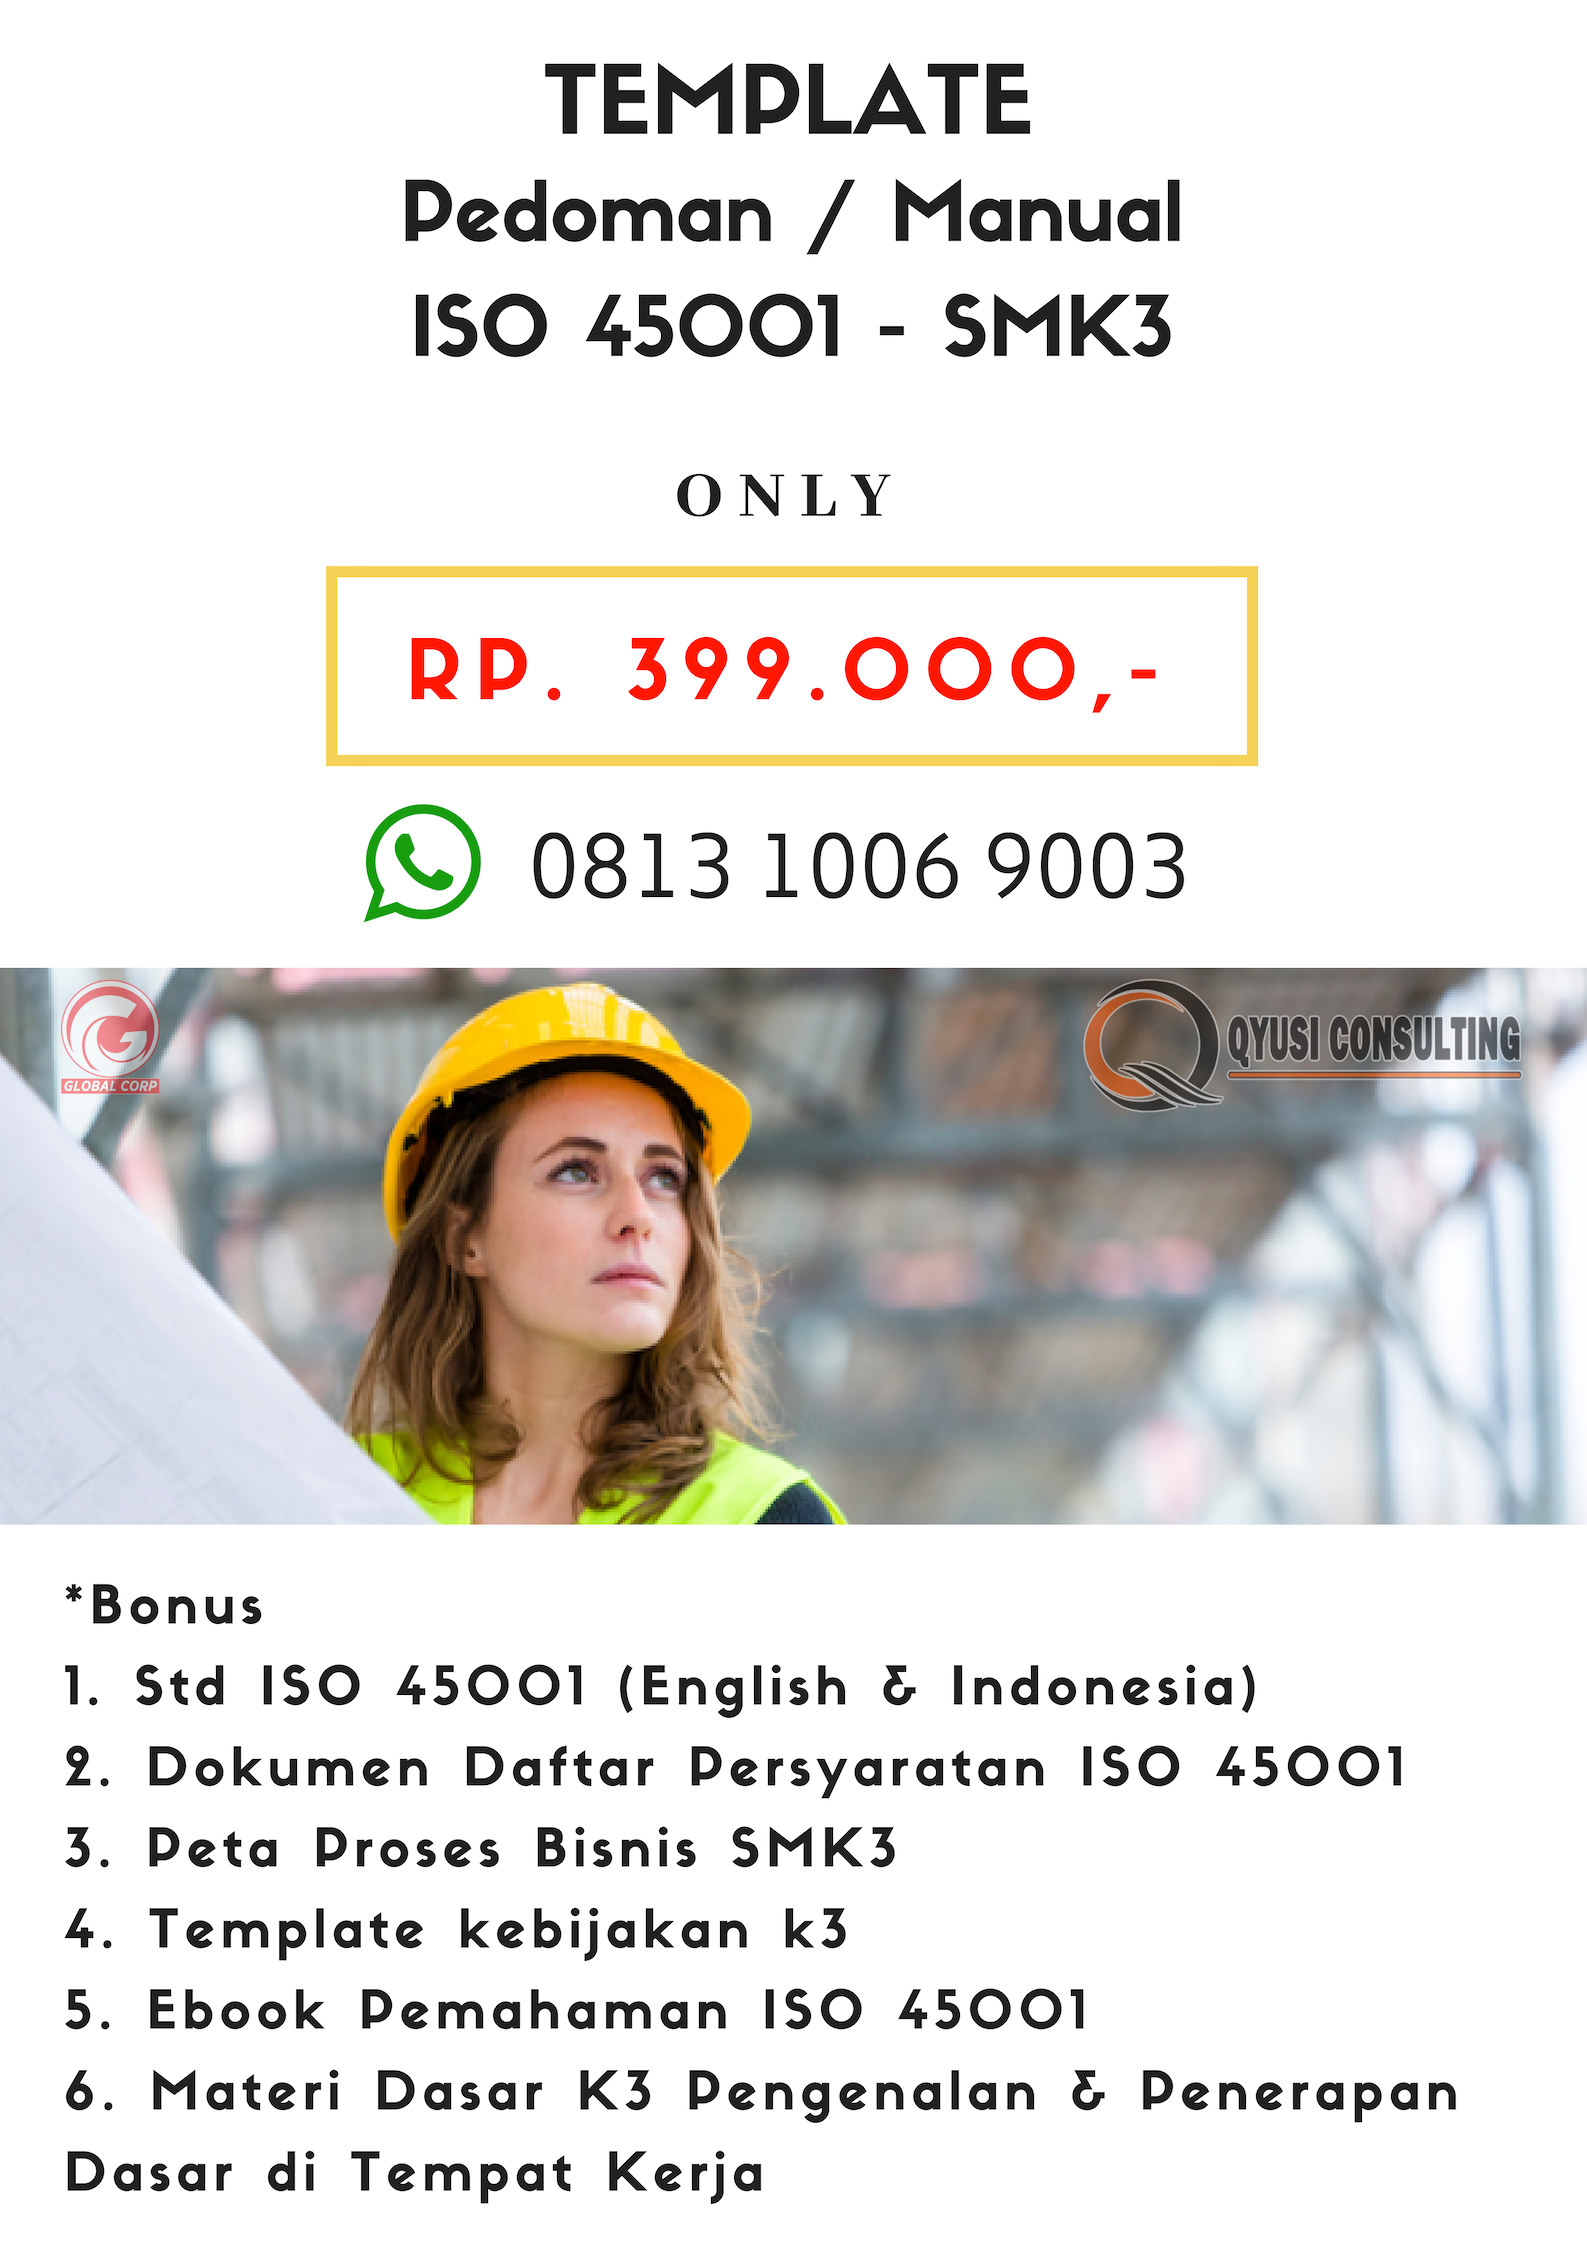 Dokumen ISO 45001 smk3 tempalate